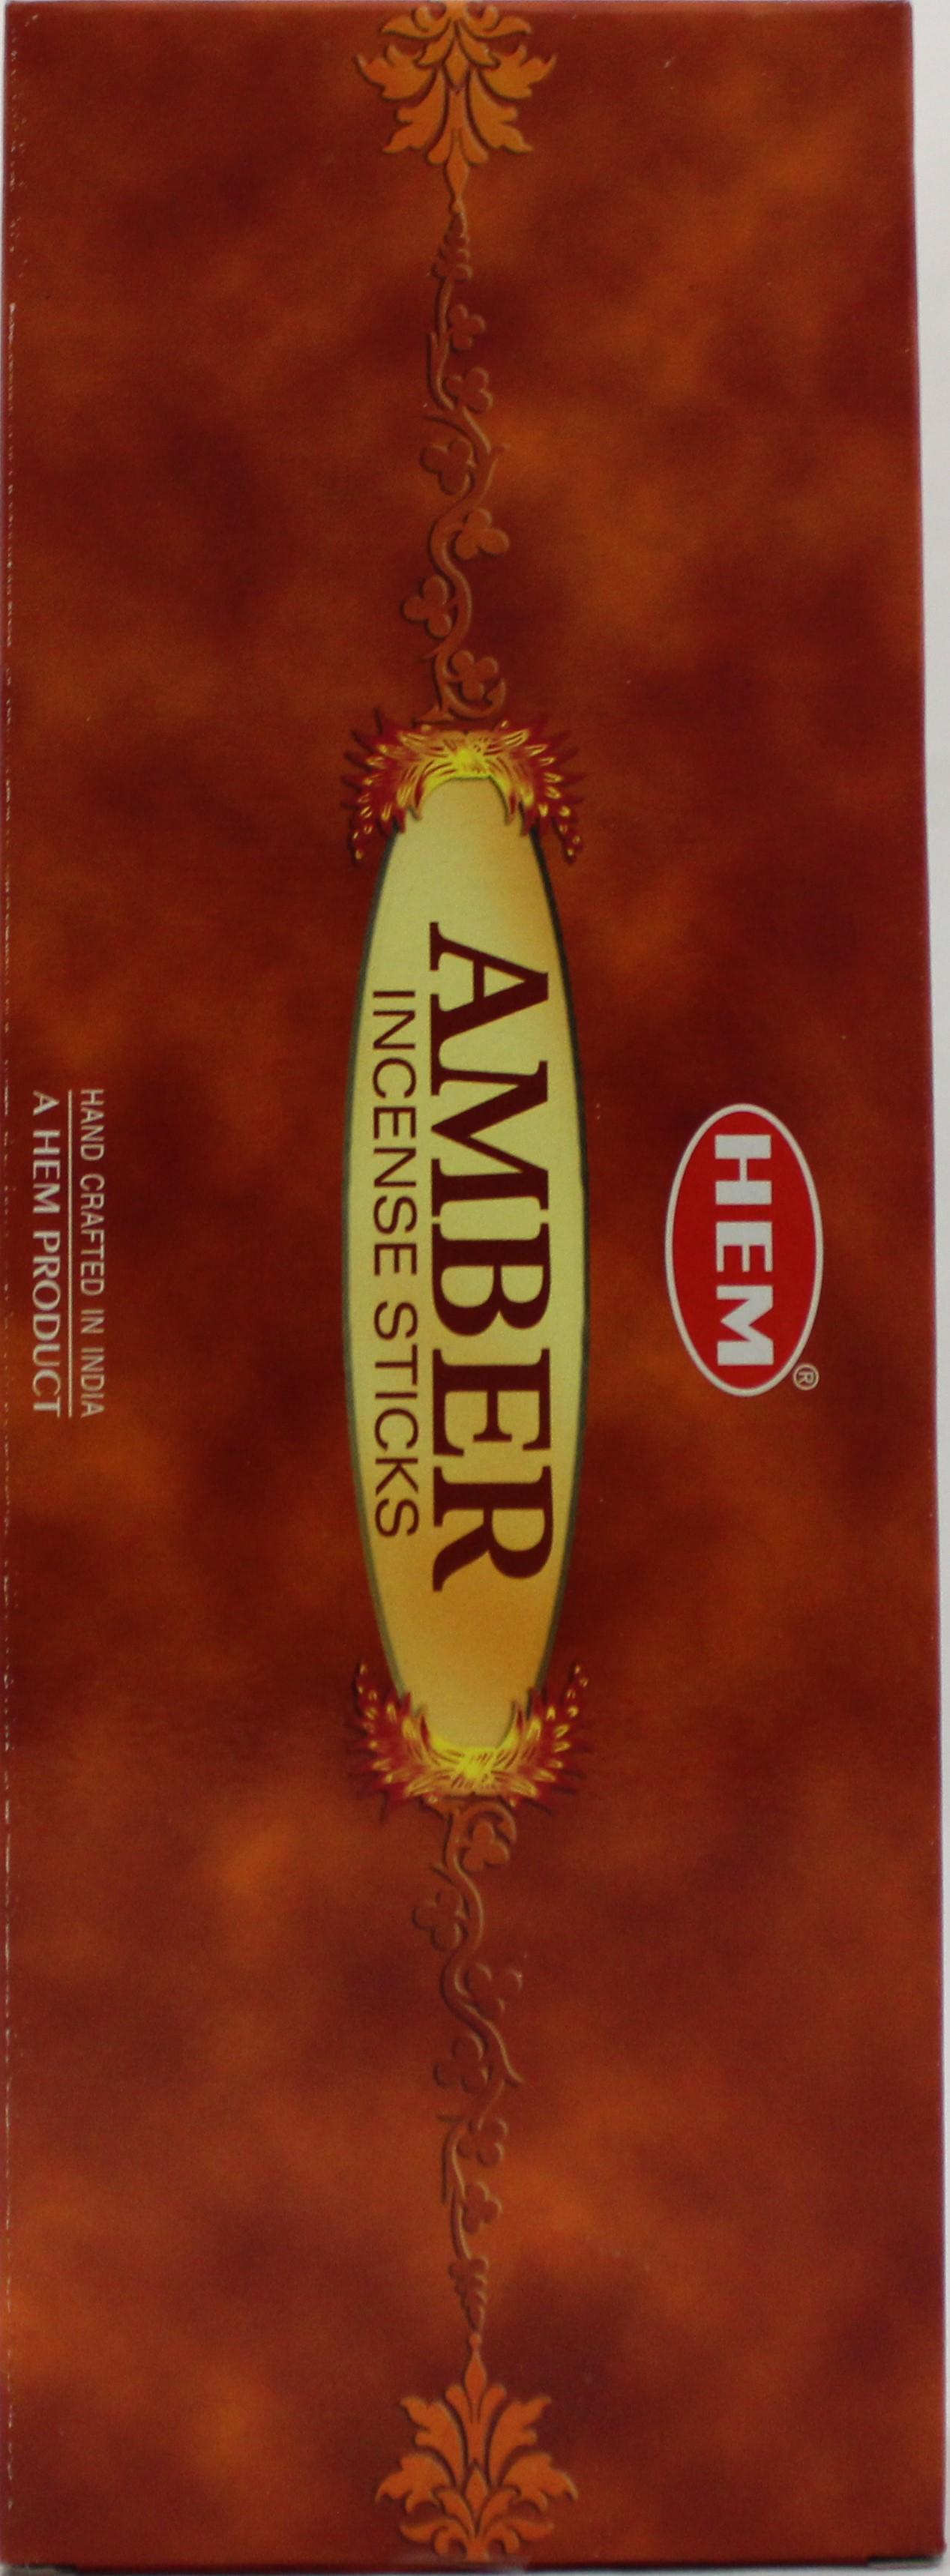 Hem Amber Agarbatti 6Hx x 12